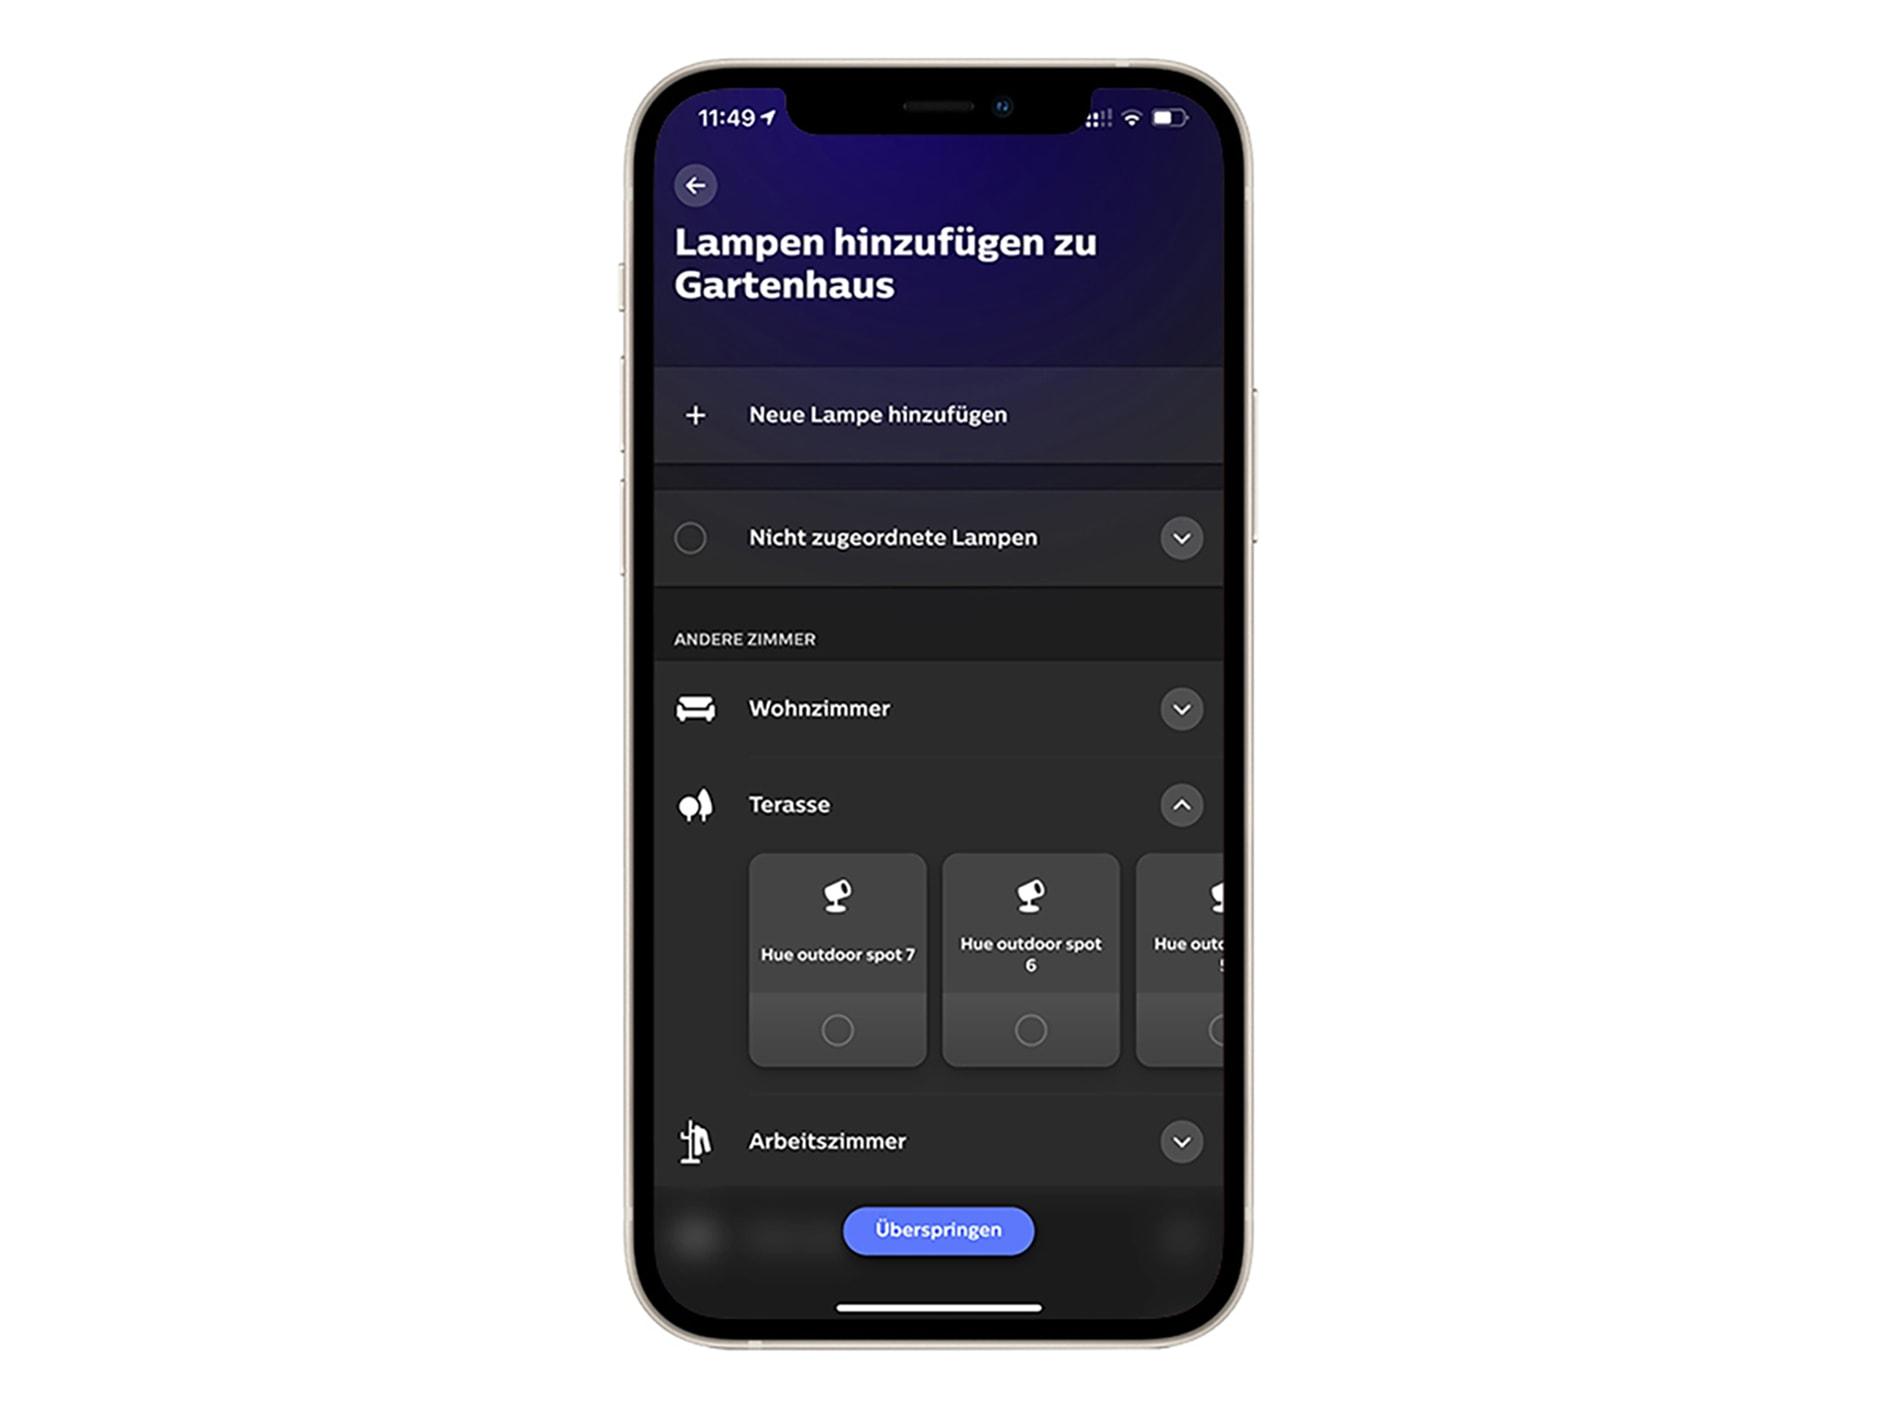 Smartphone mit Bildschirm, der die App-Einstellungen zeigt, um Leuchten dem System hinzuzufügen